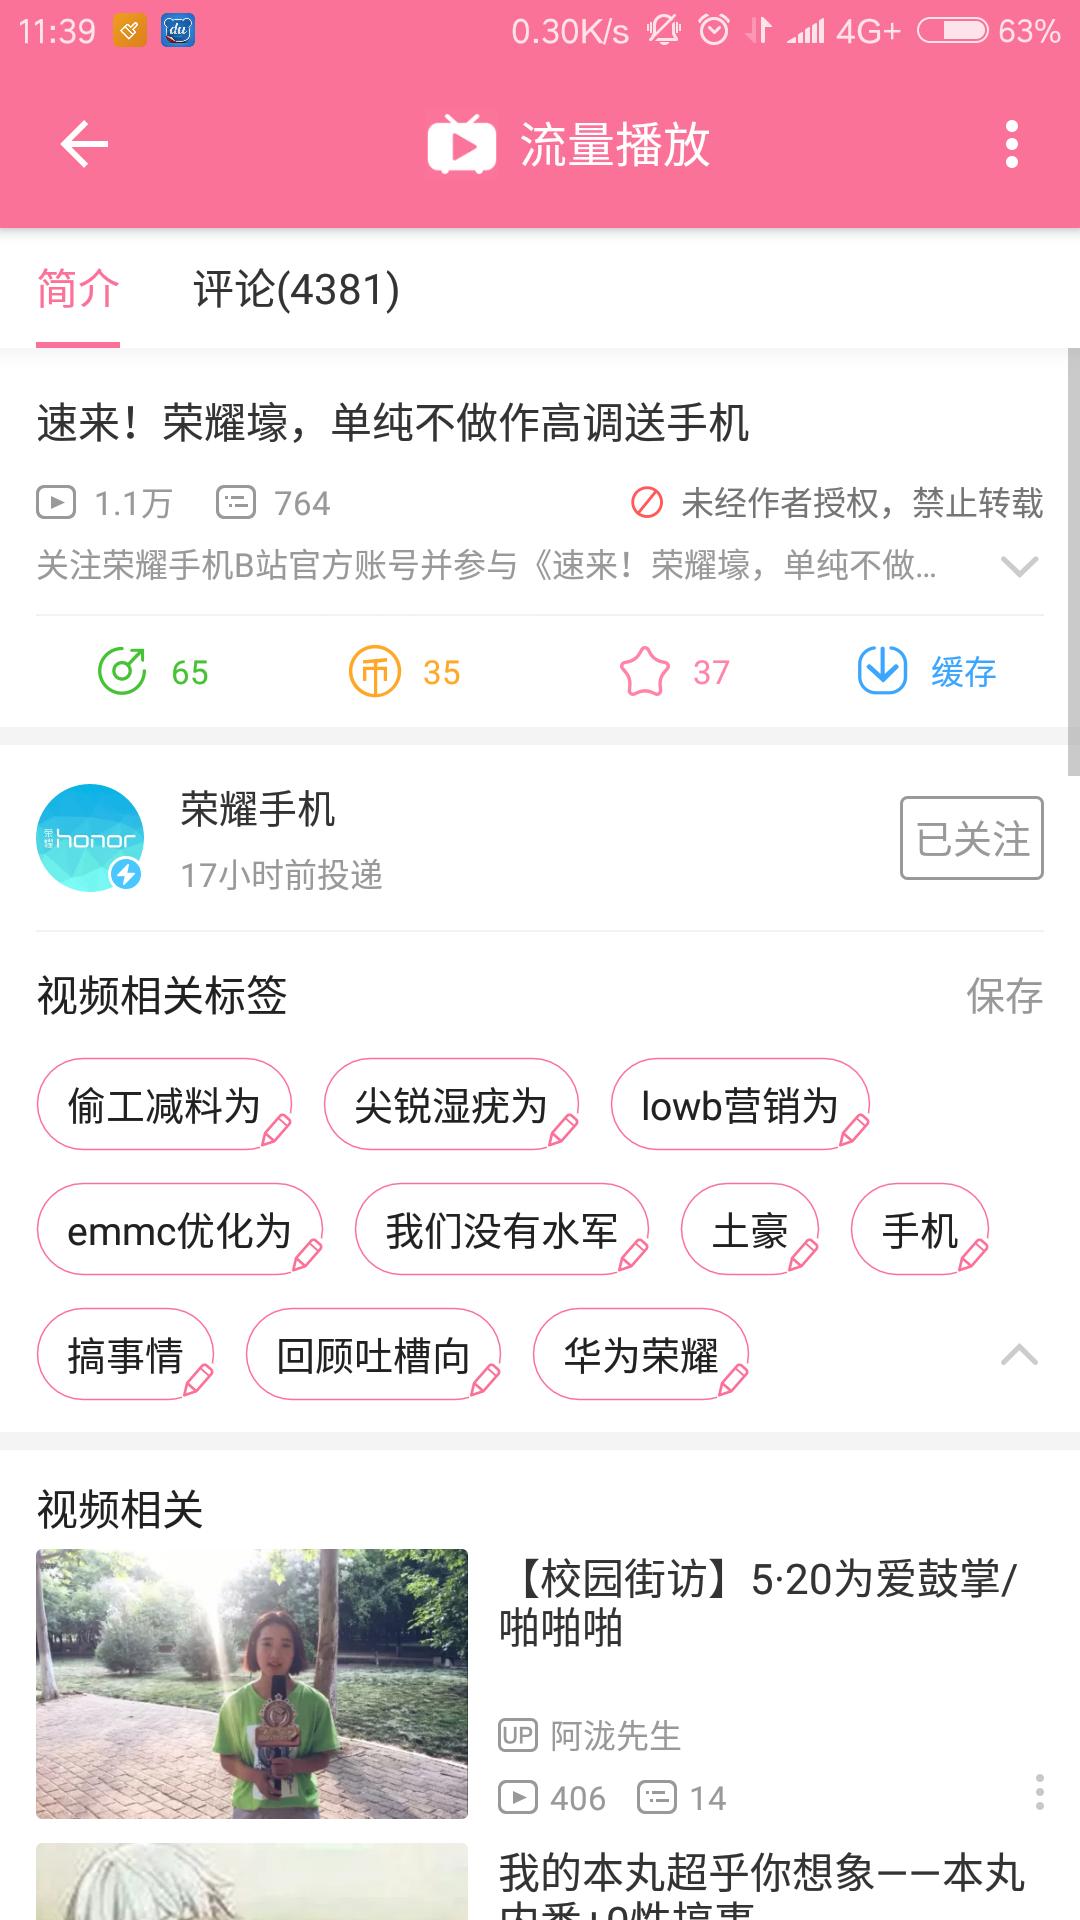 营销哔哩哔哩荣耀华为图片手机账号评价碰不搜官方出浏览器手机图片